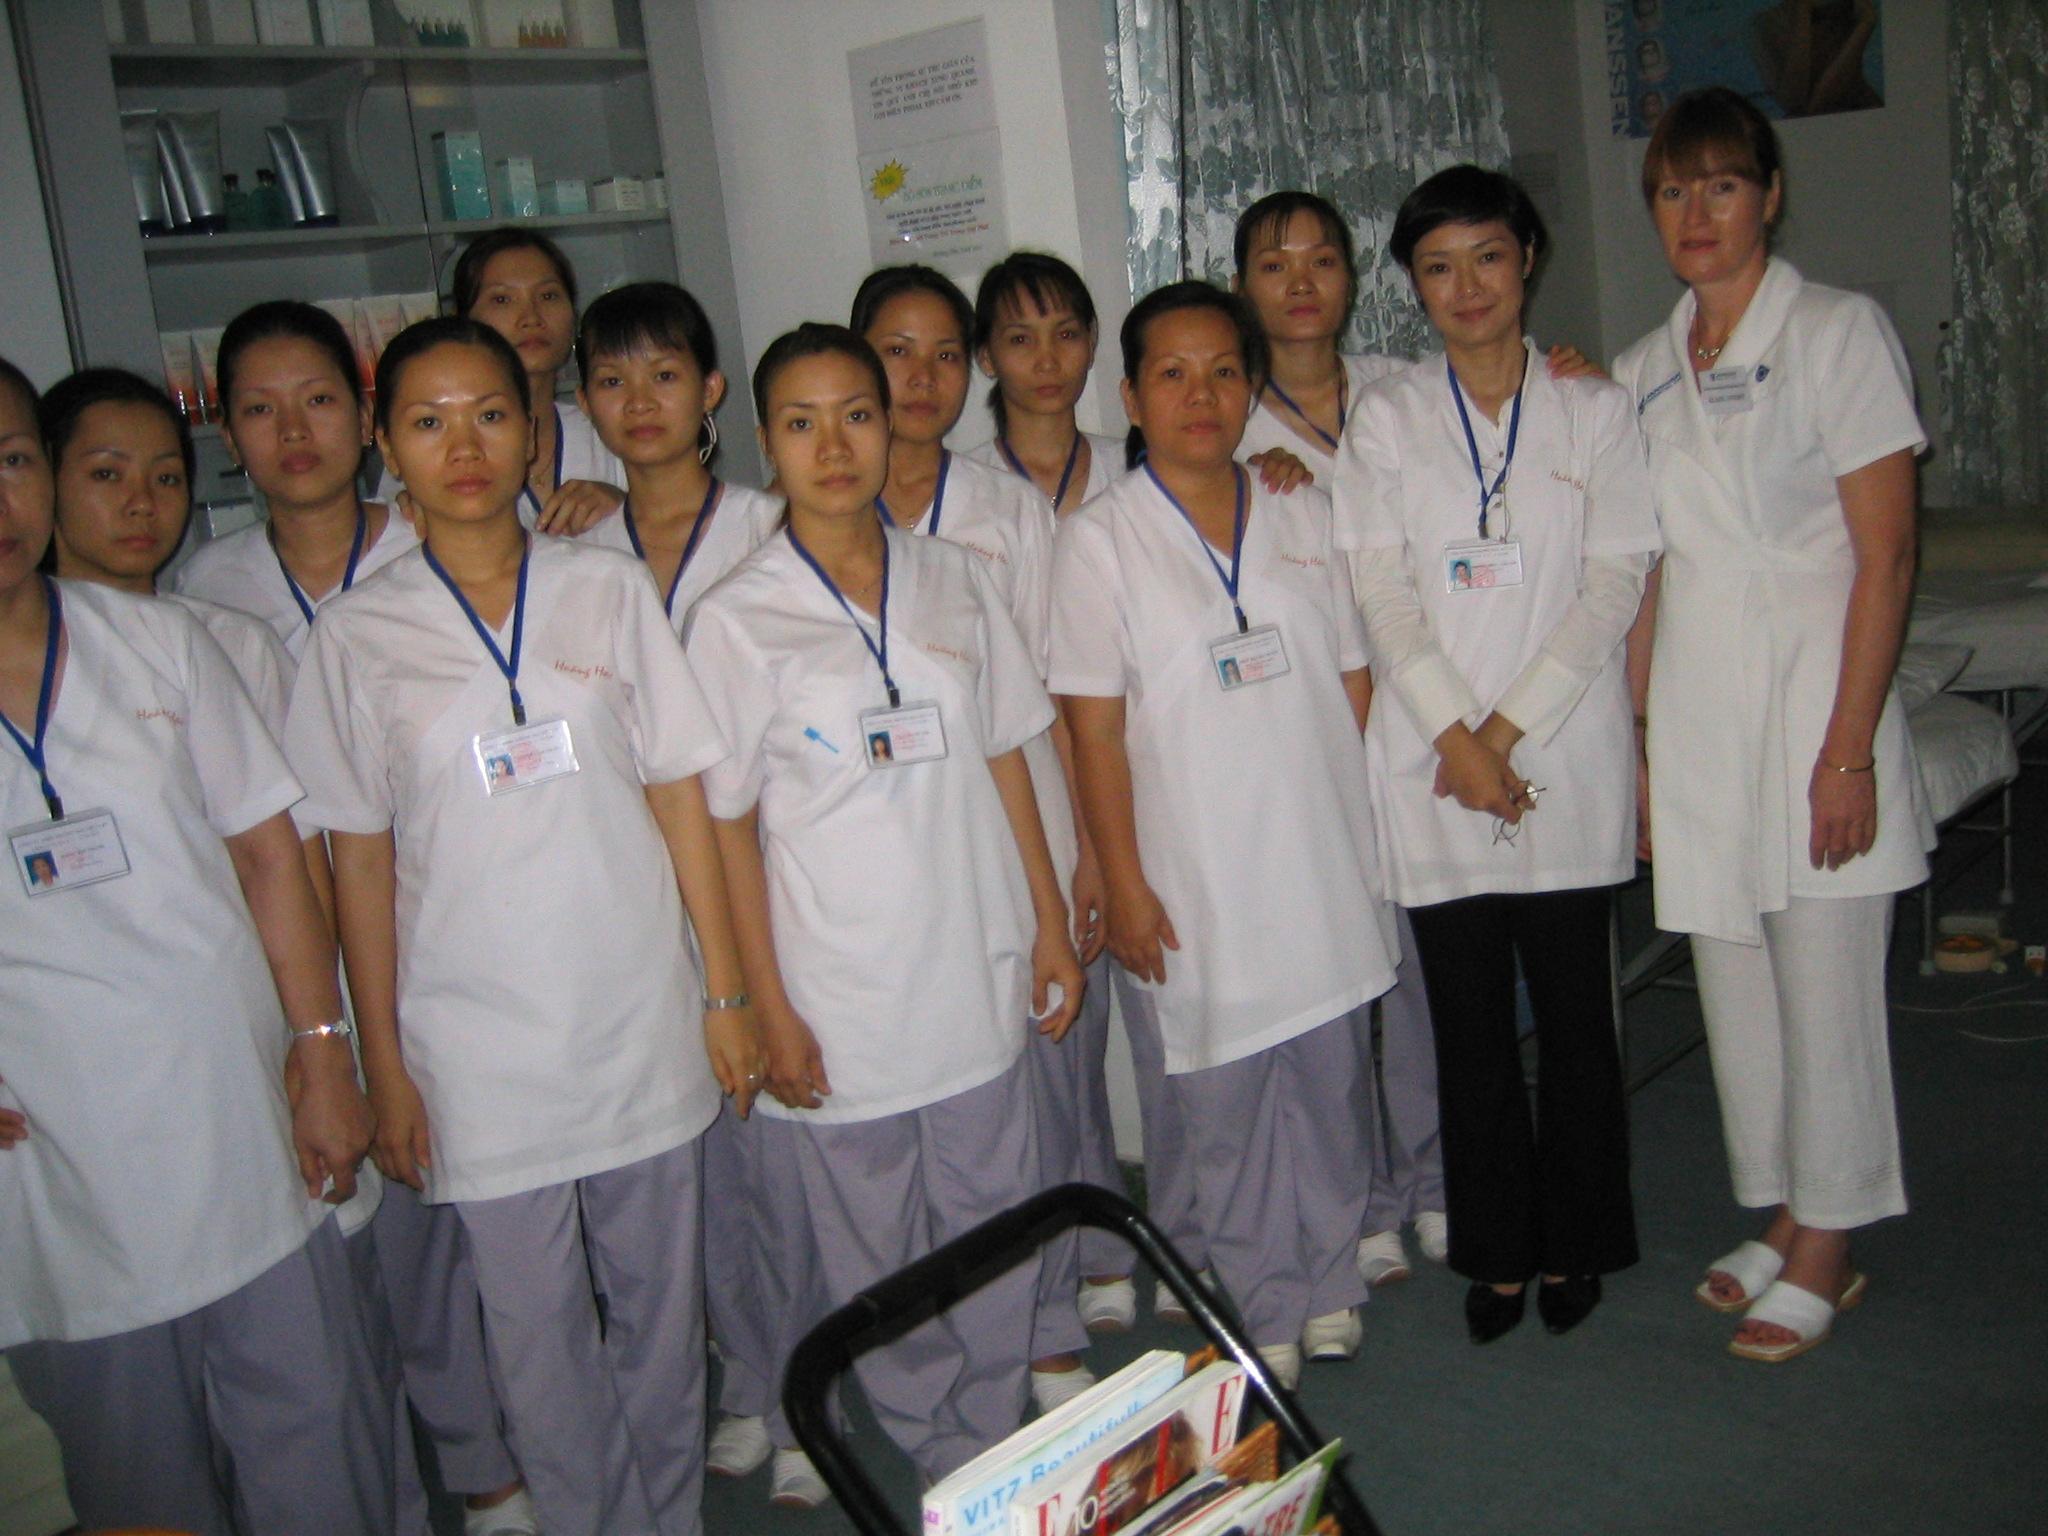 Klara Doert besucht Vietnam 2003